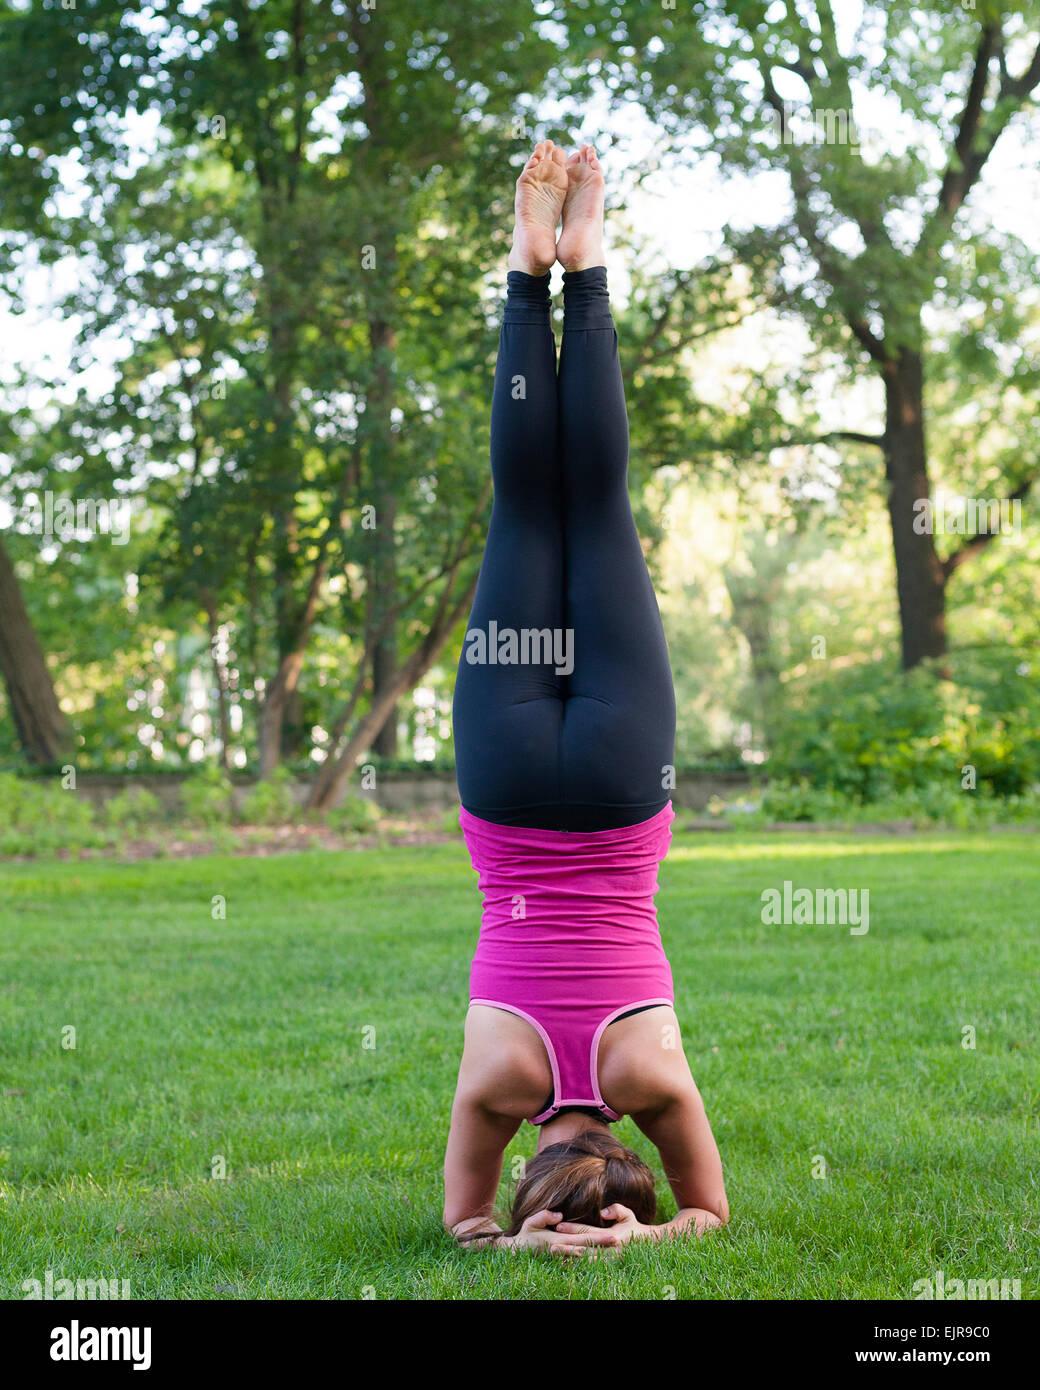 Mujer caucásica practicando yoga en el parque Imagen De Stock